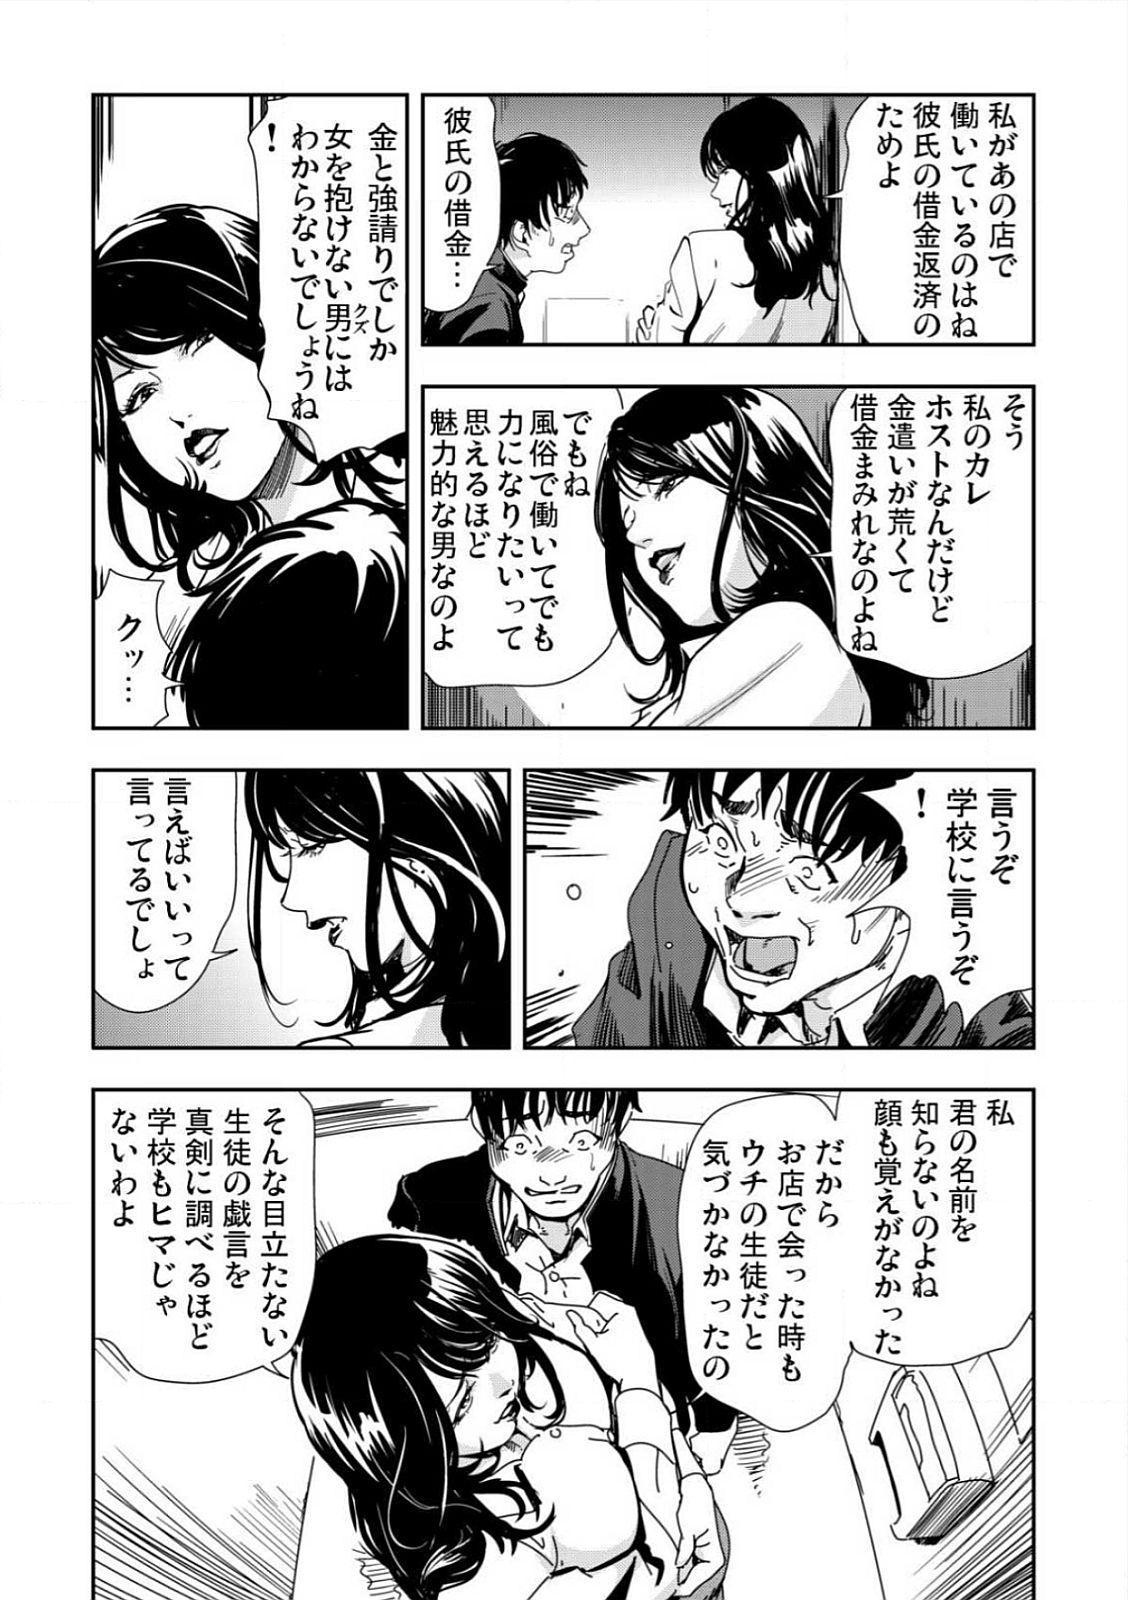 [Misaki Yukihiro] Kyousei Shidou ~Mechakucha ni Kegasarete~ (1)~(6) [Digital] 72